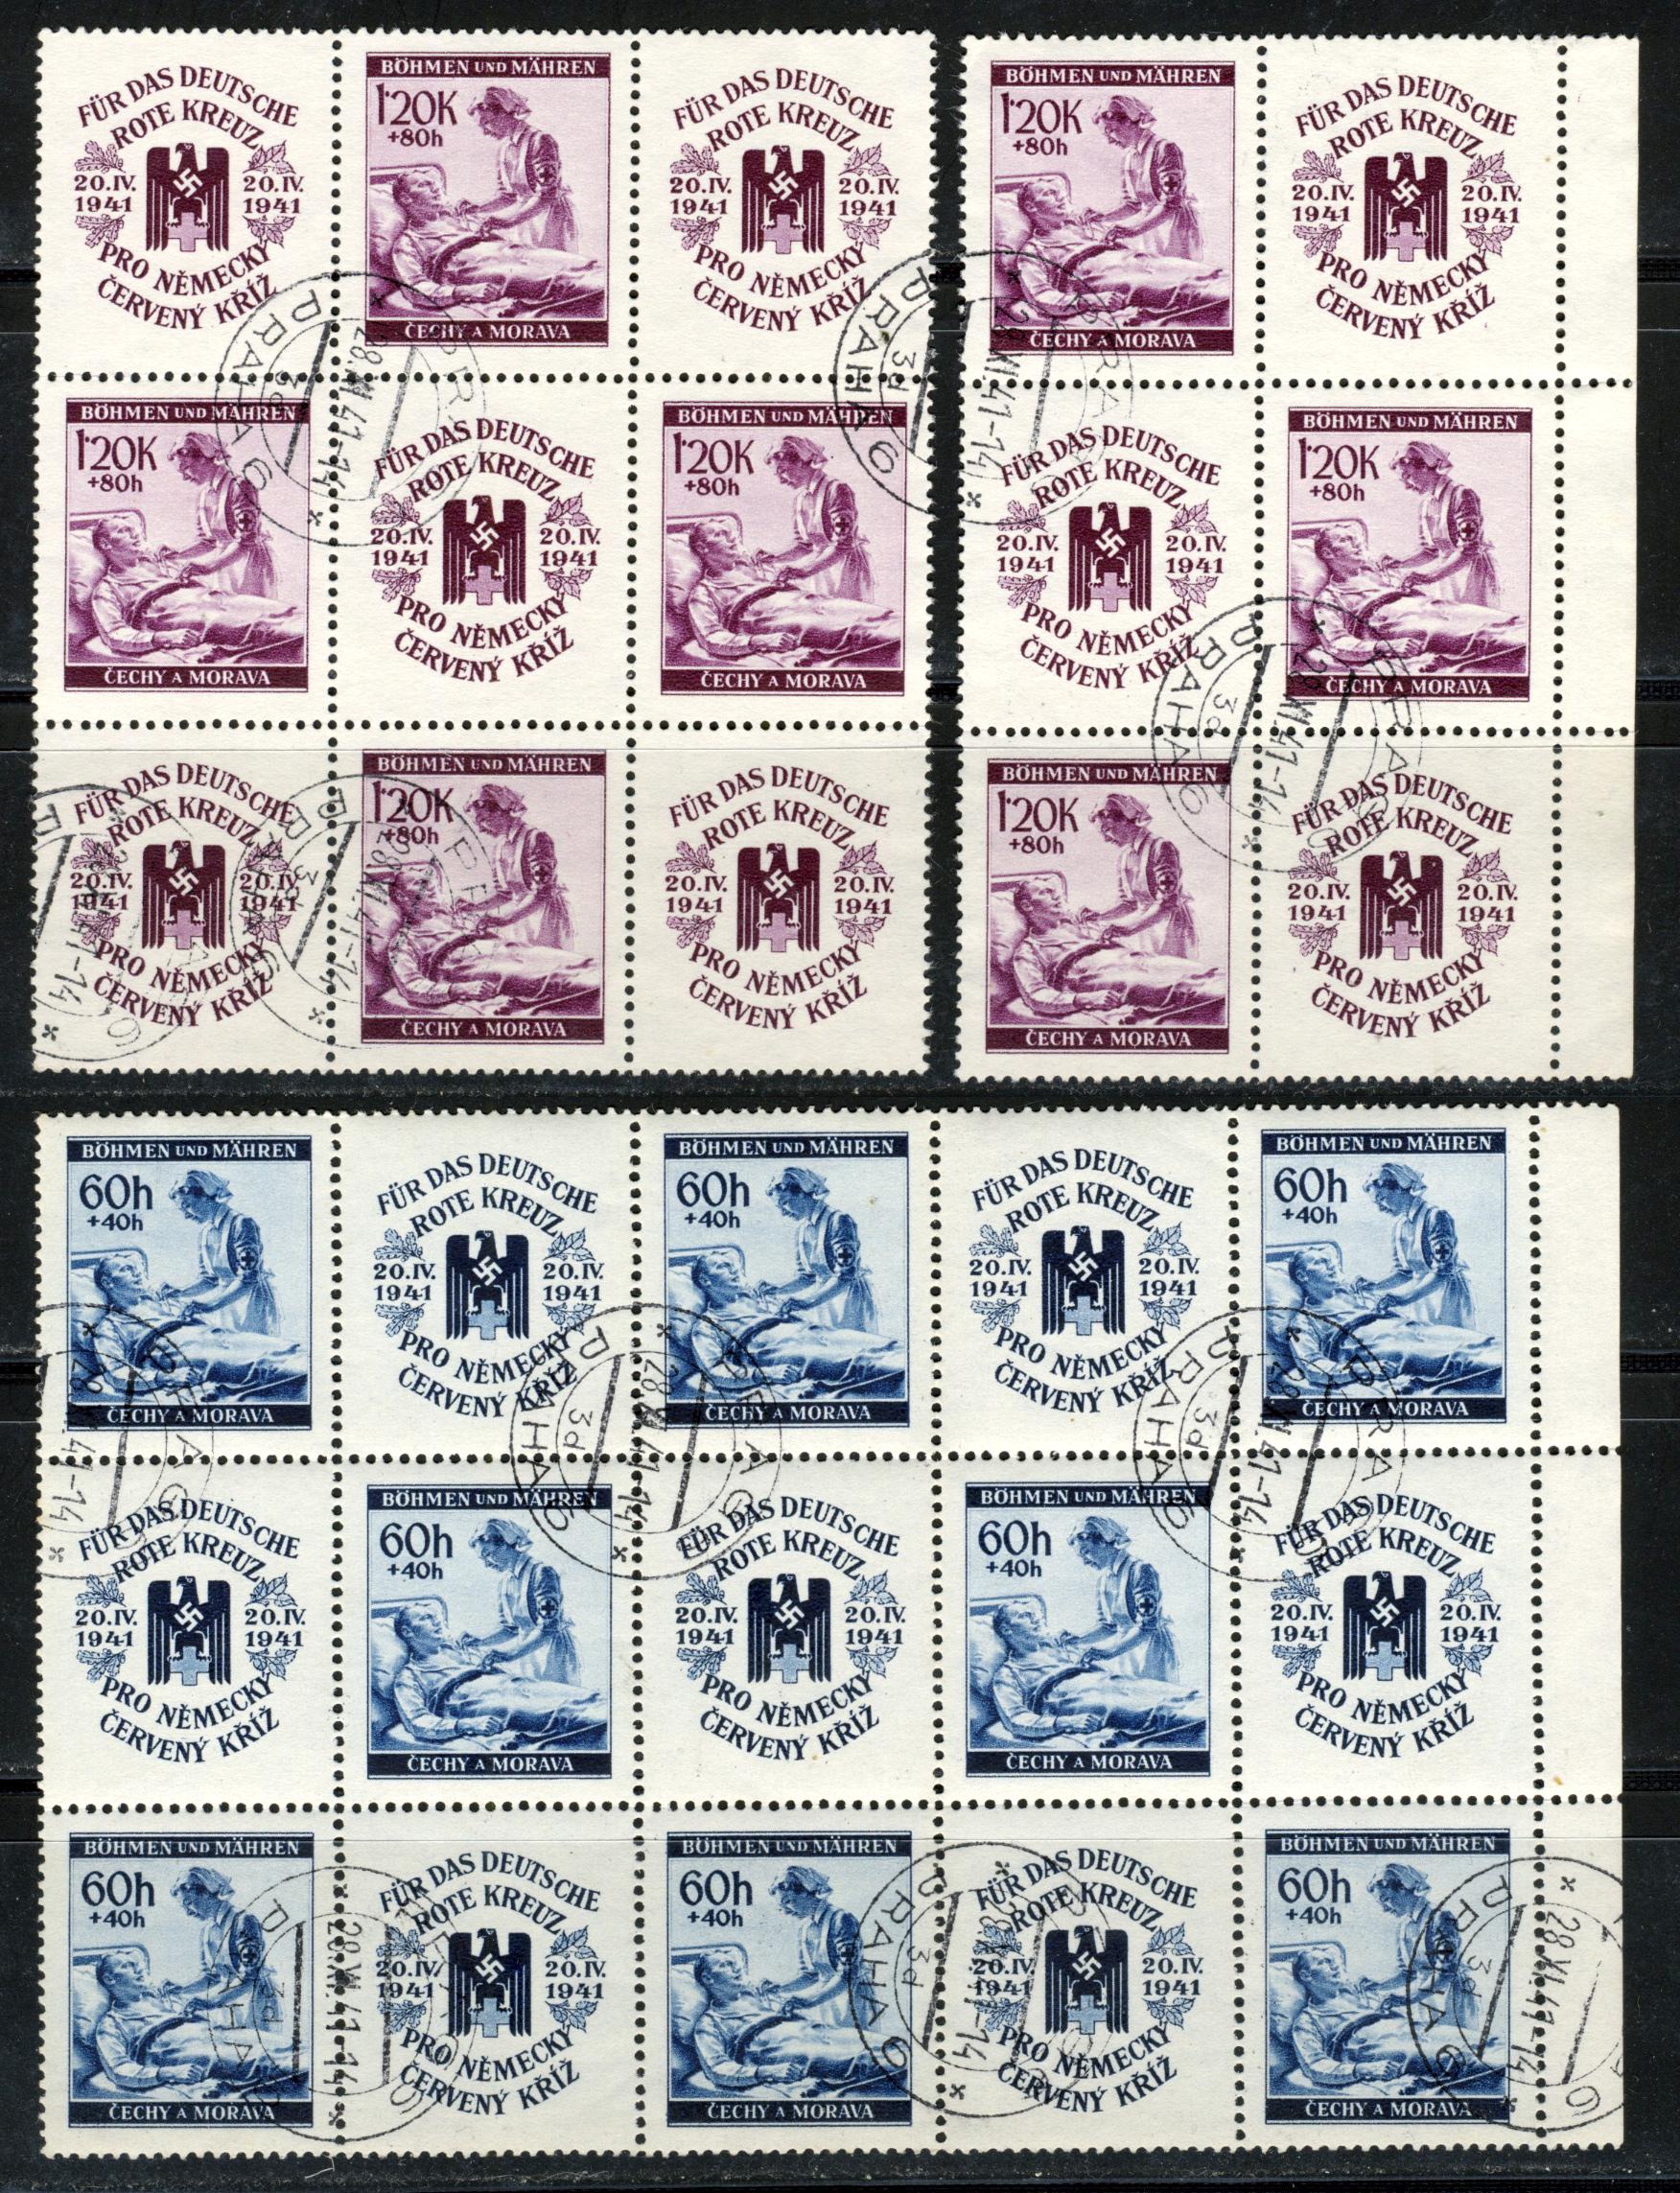 Böhmen und Mähren - Mi. 62-63 / 1941 Deutsche Rote Kreuz